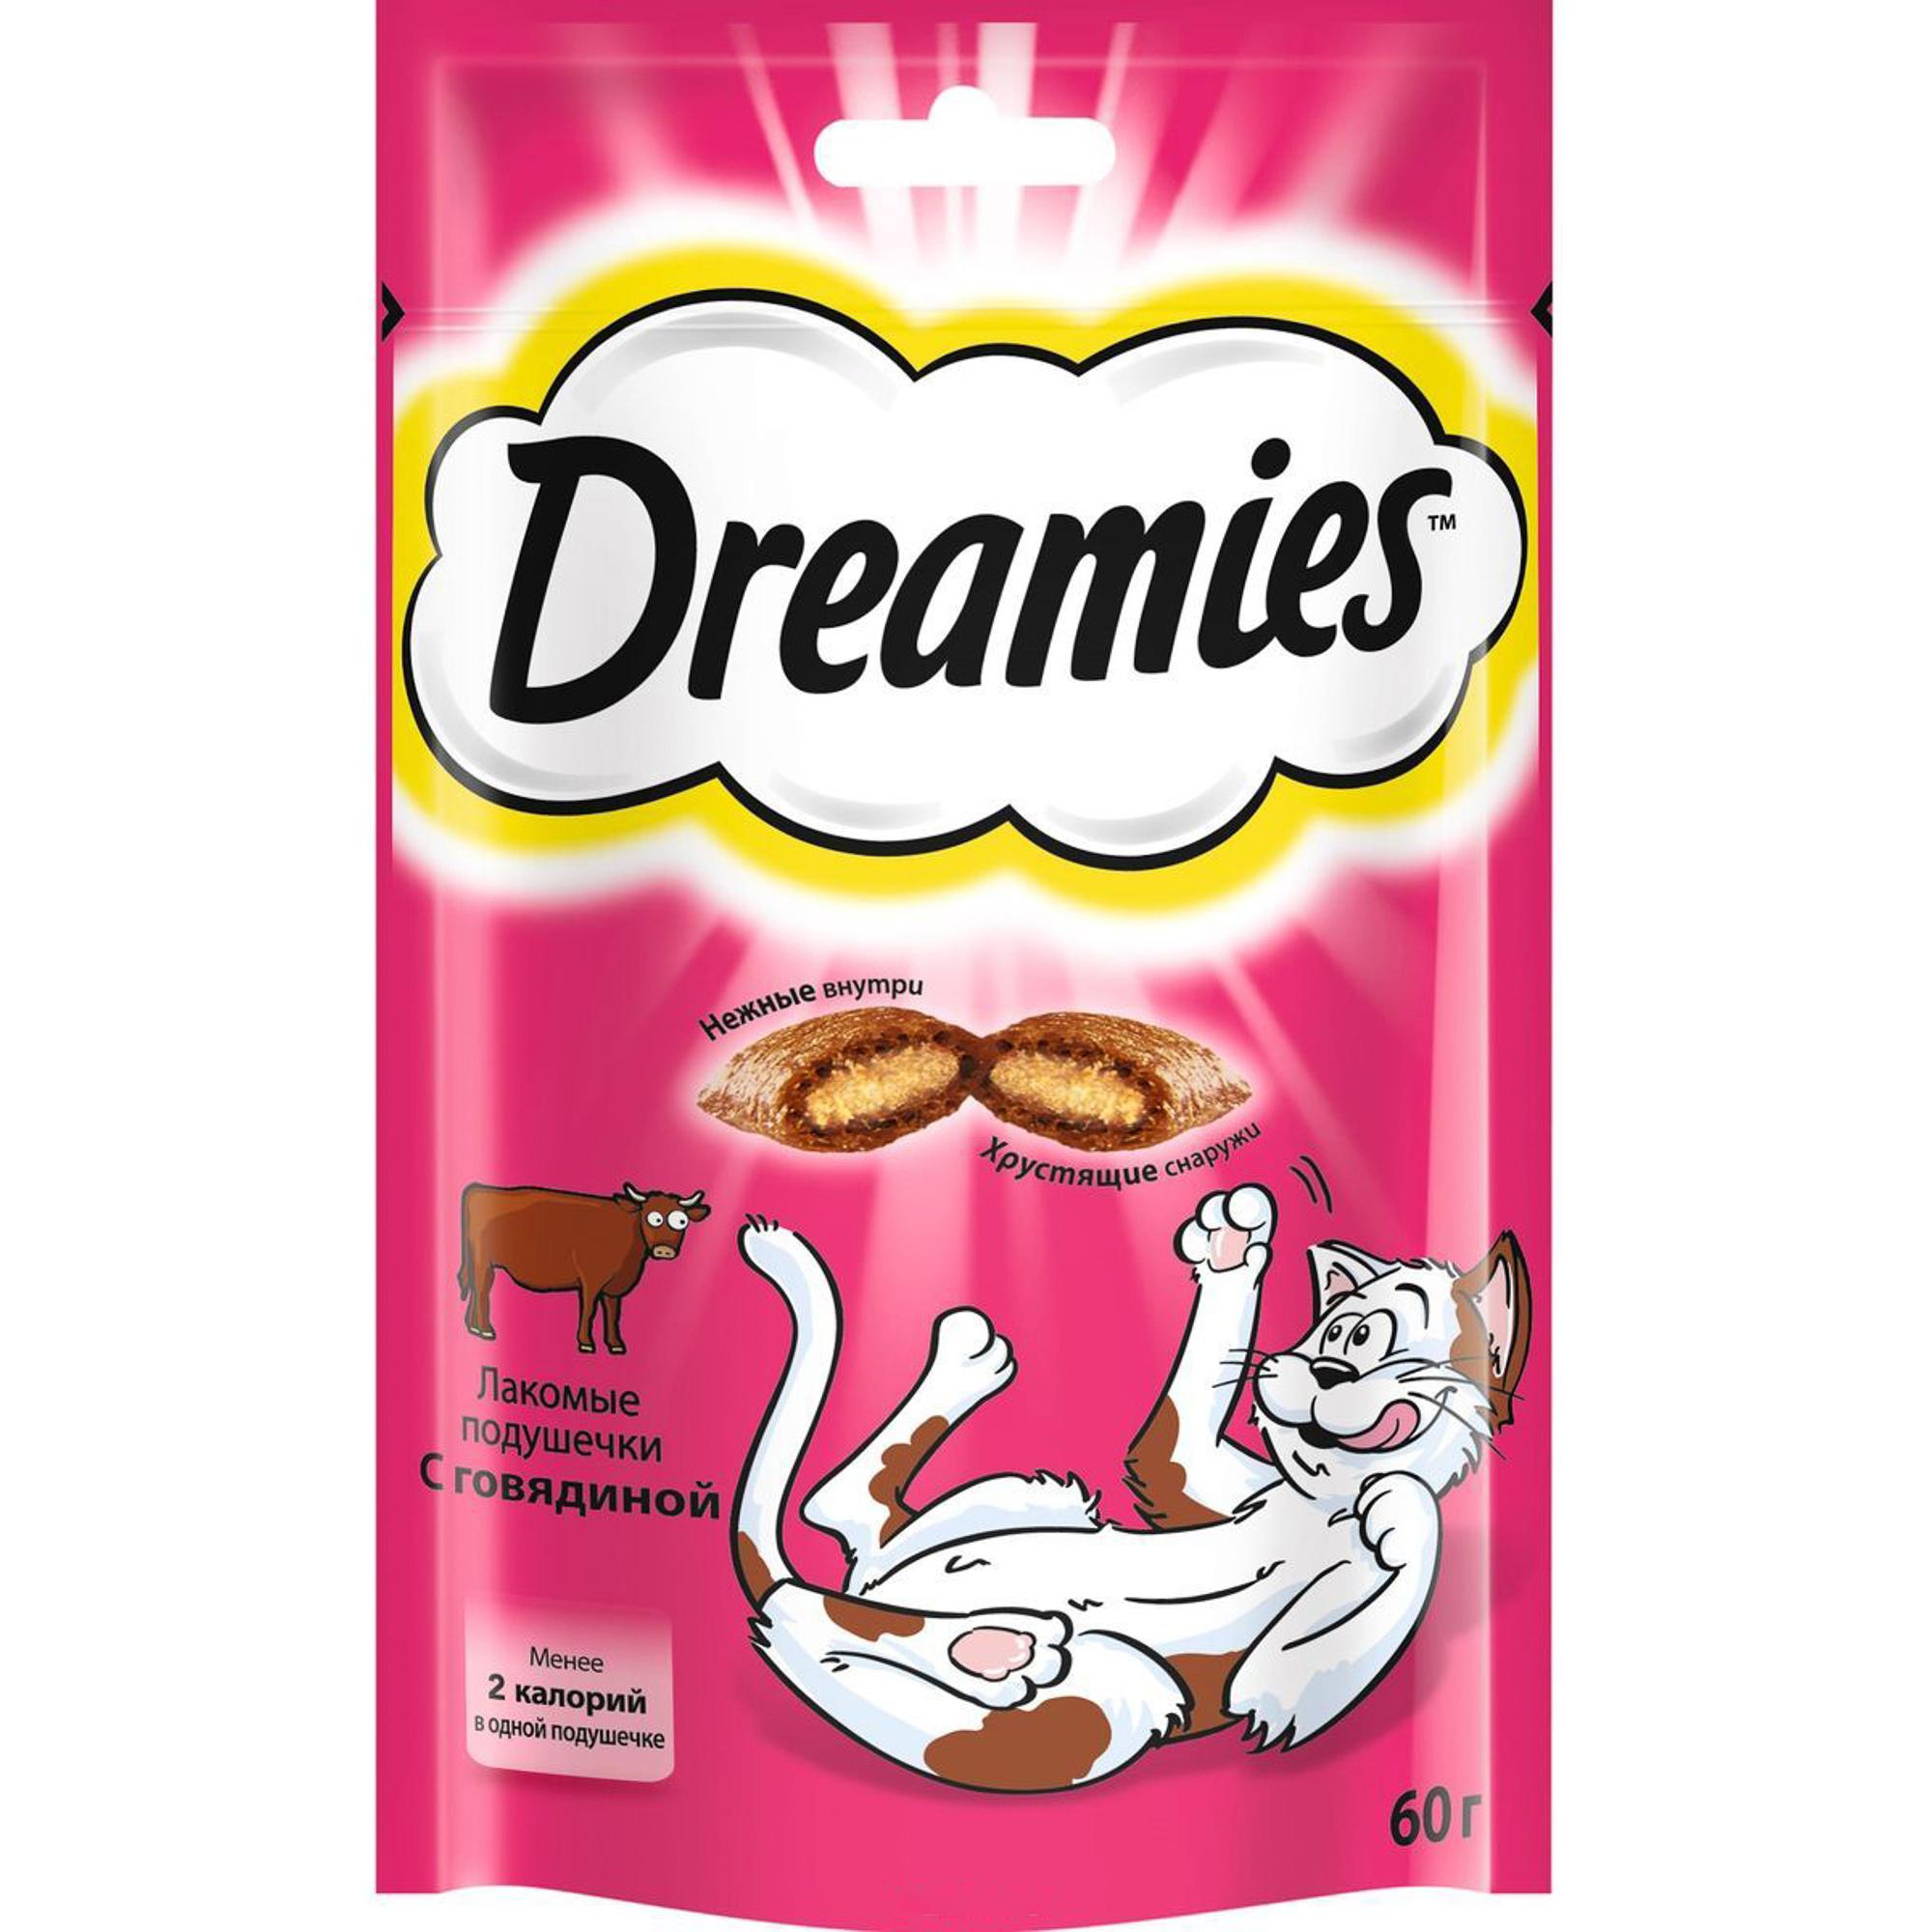 Лакомство DREAMIES Лакомые подушечки с говядиной 60г.